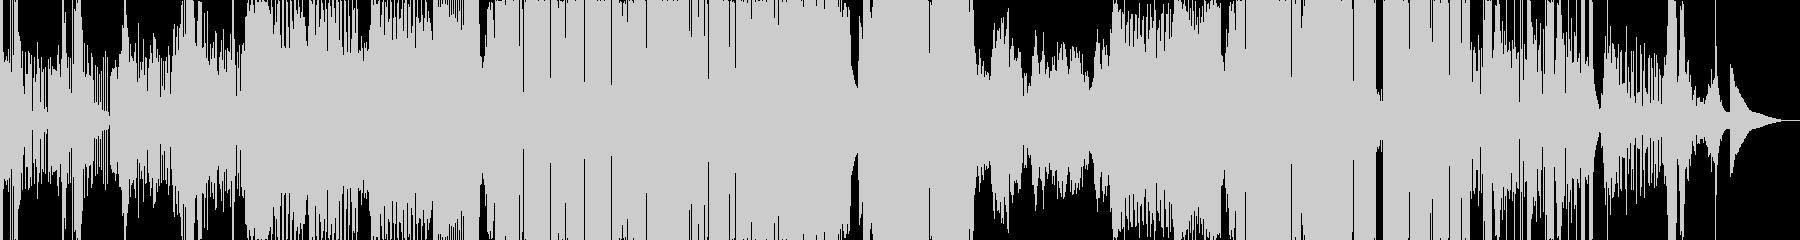 デジアナ和風トラップの未再生の波形